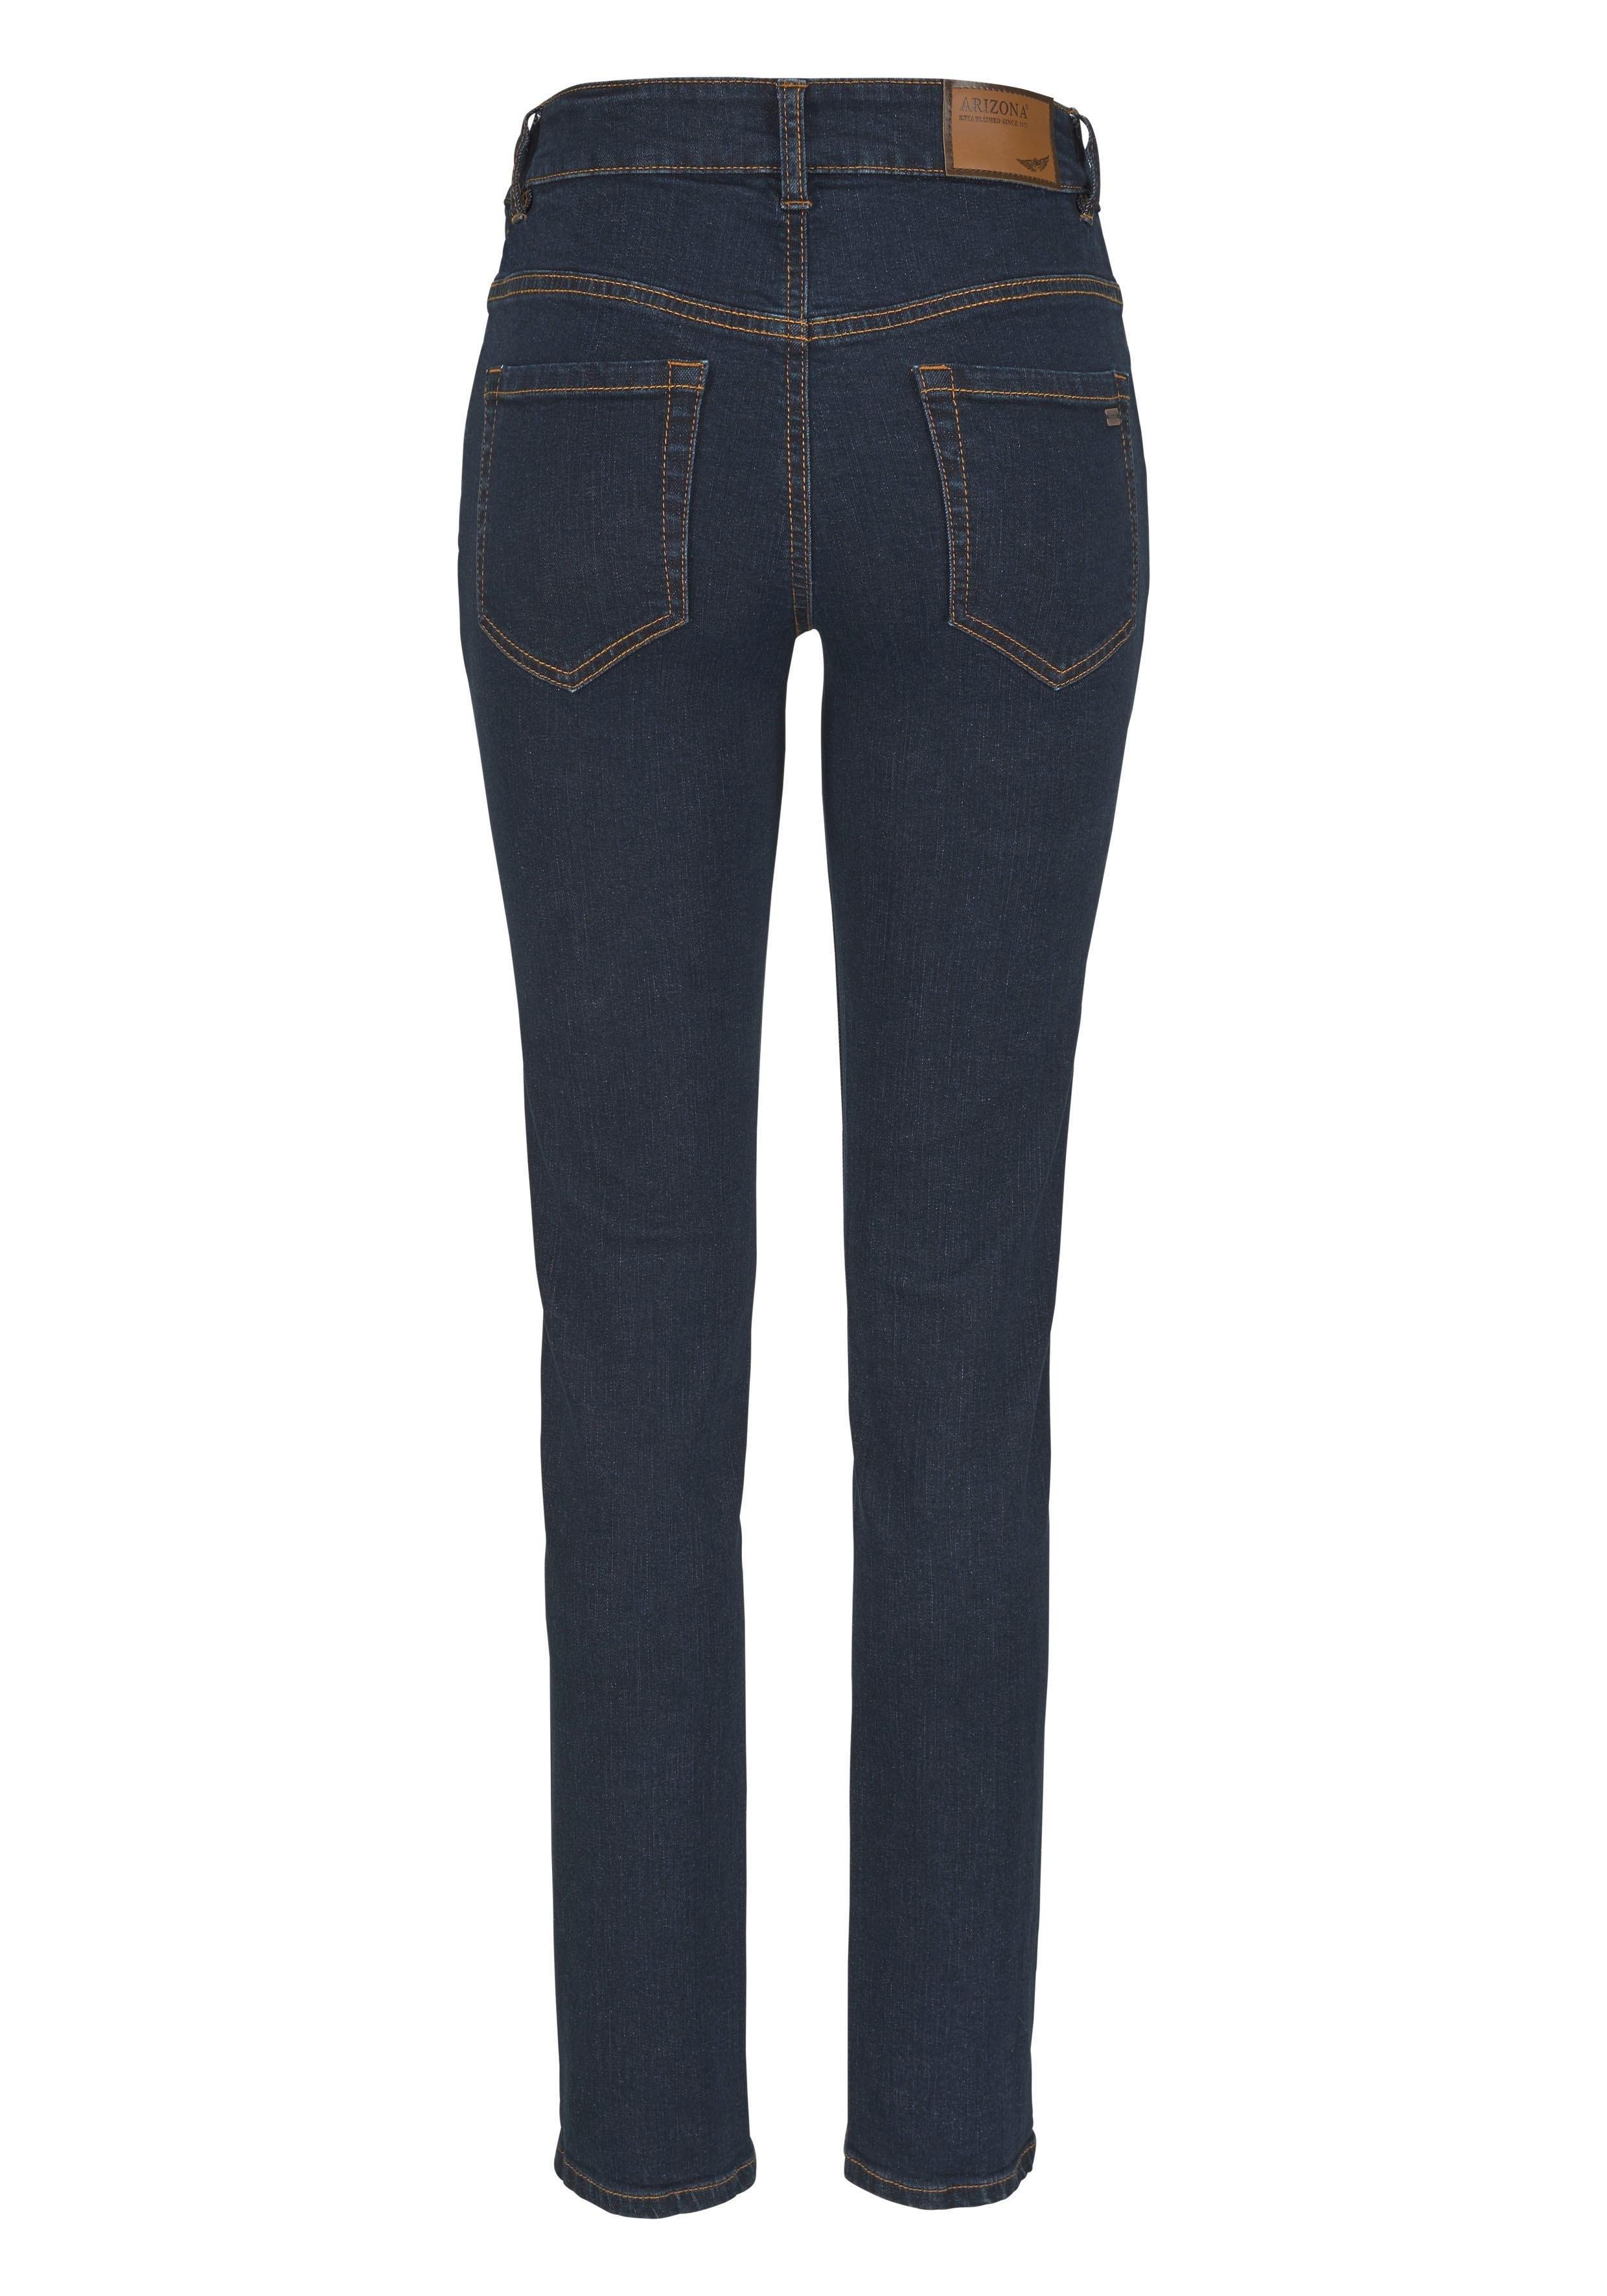 Makkelijk inzet Slim Fit Opzij Elastiek Met Arizona Gevonden JeanssvenjaBand OXiwPTuZk